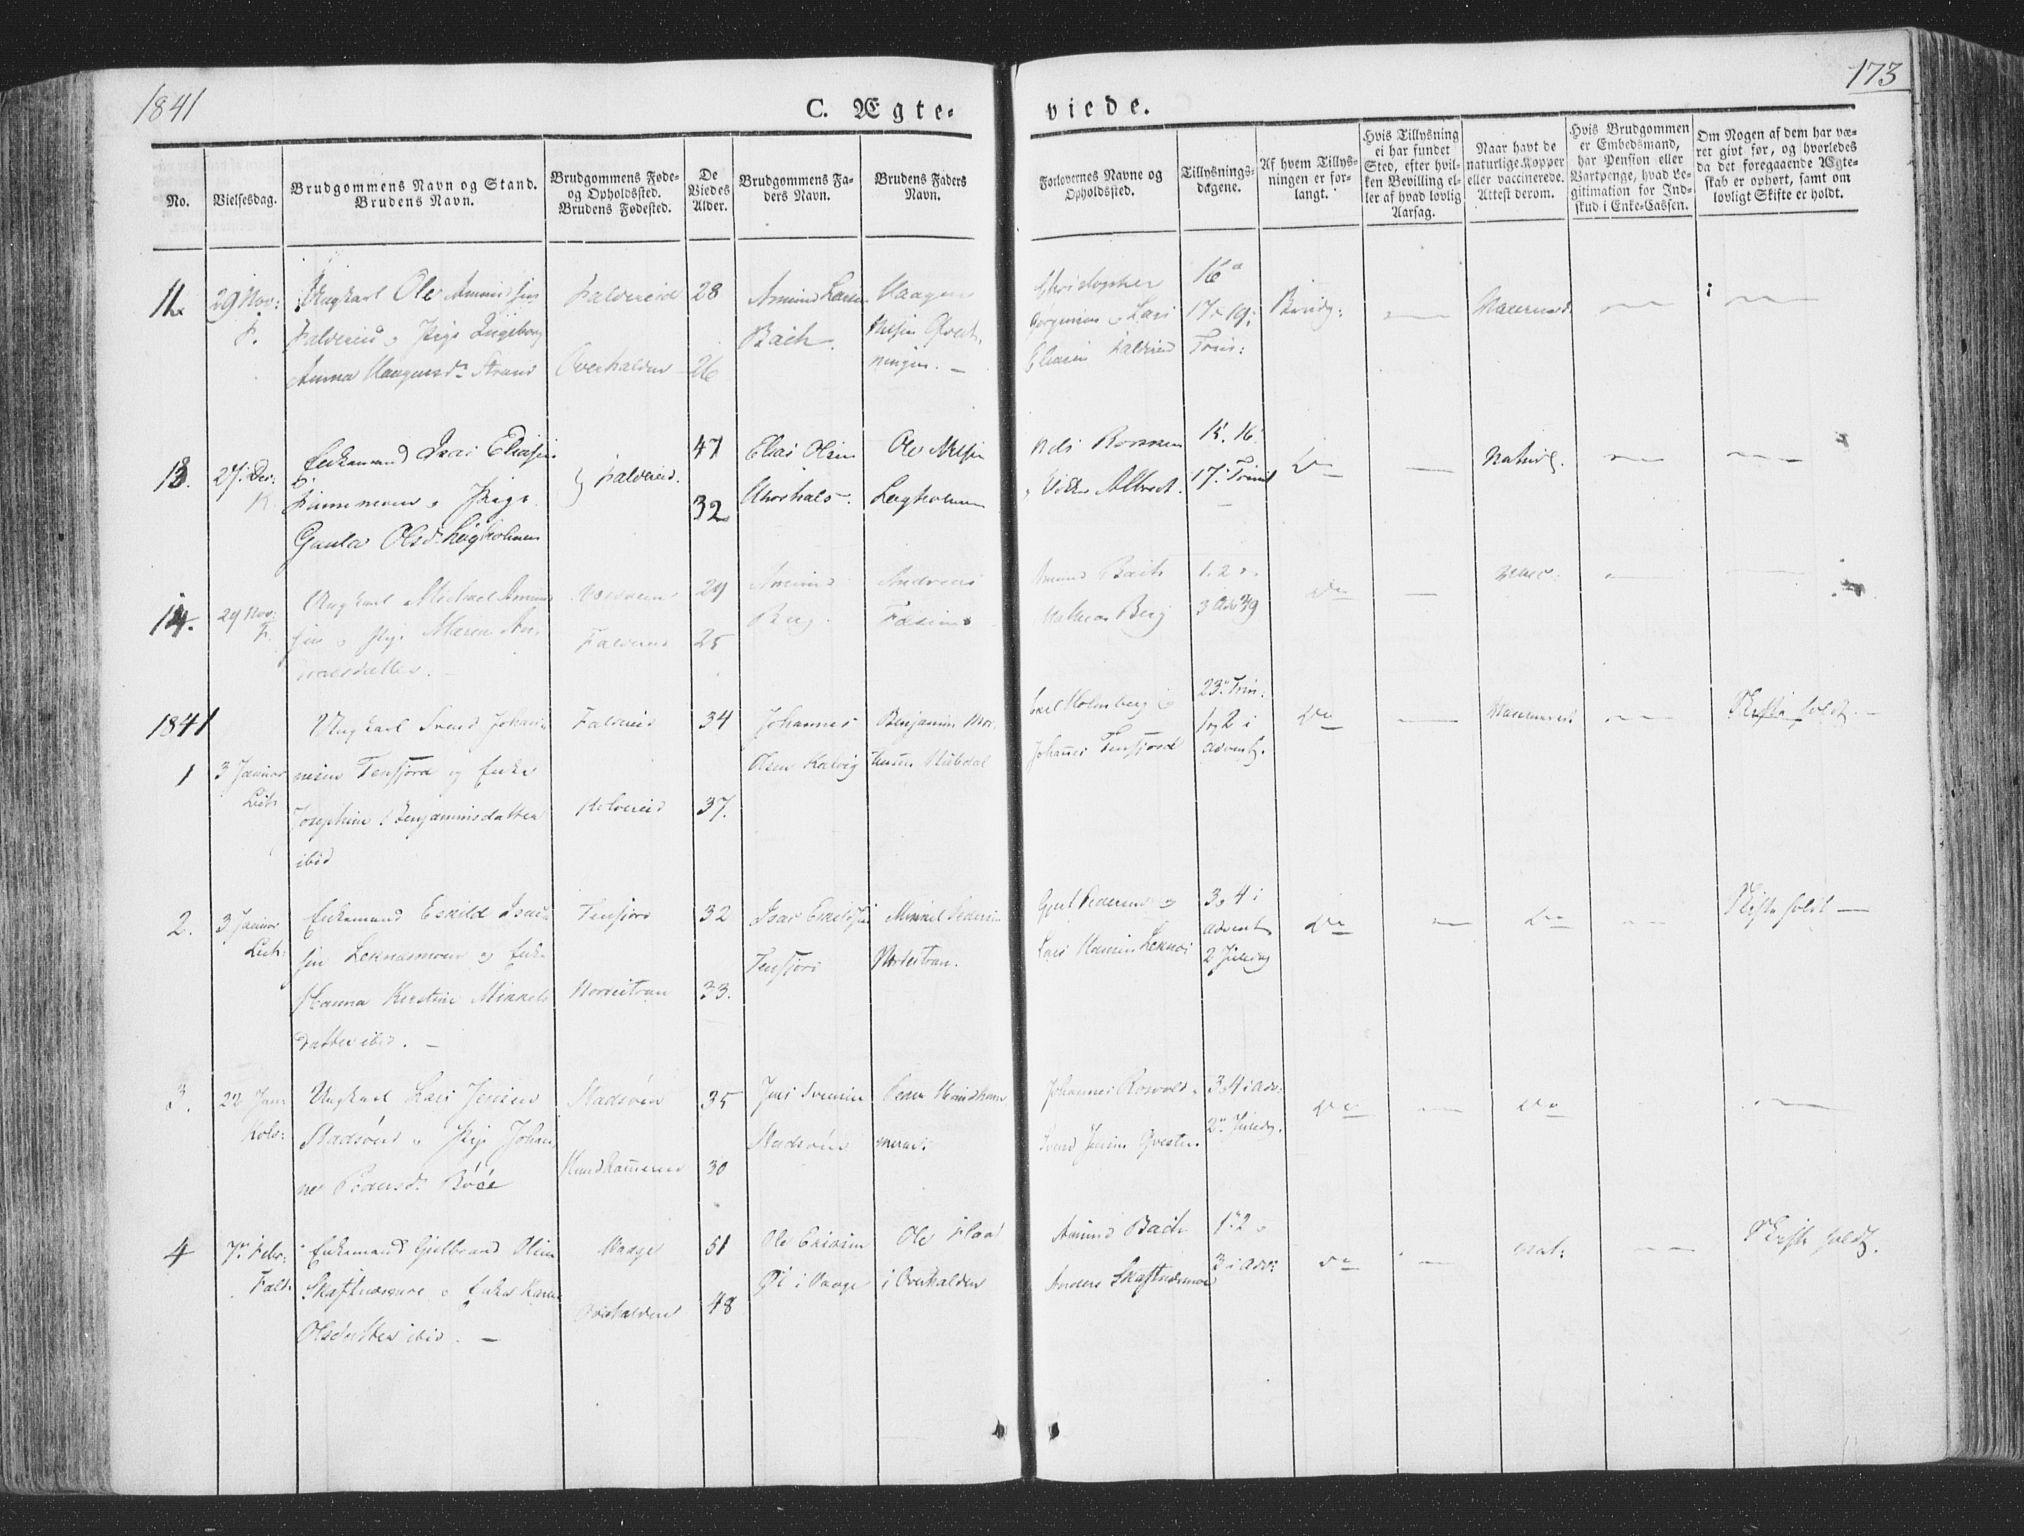 SAT, Ministerialprotokoller, klokkerbøker og fødselsregistre - Nord-Trøndelag, 780/L0639: Ministerialbok nr. 780A04, 1830-1844, s. 173